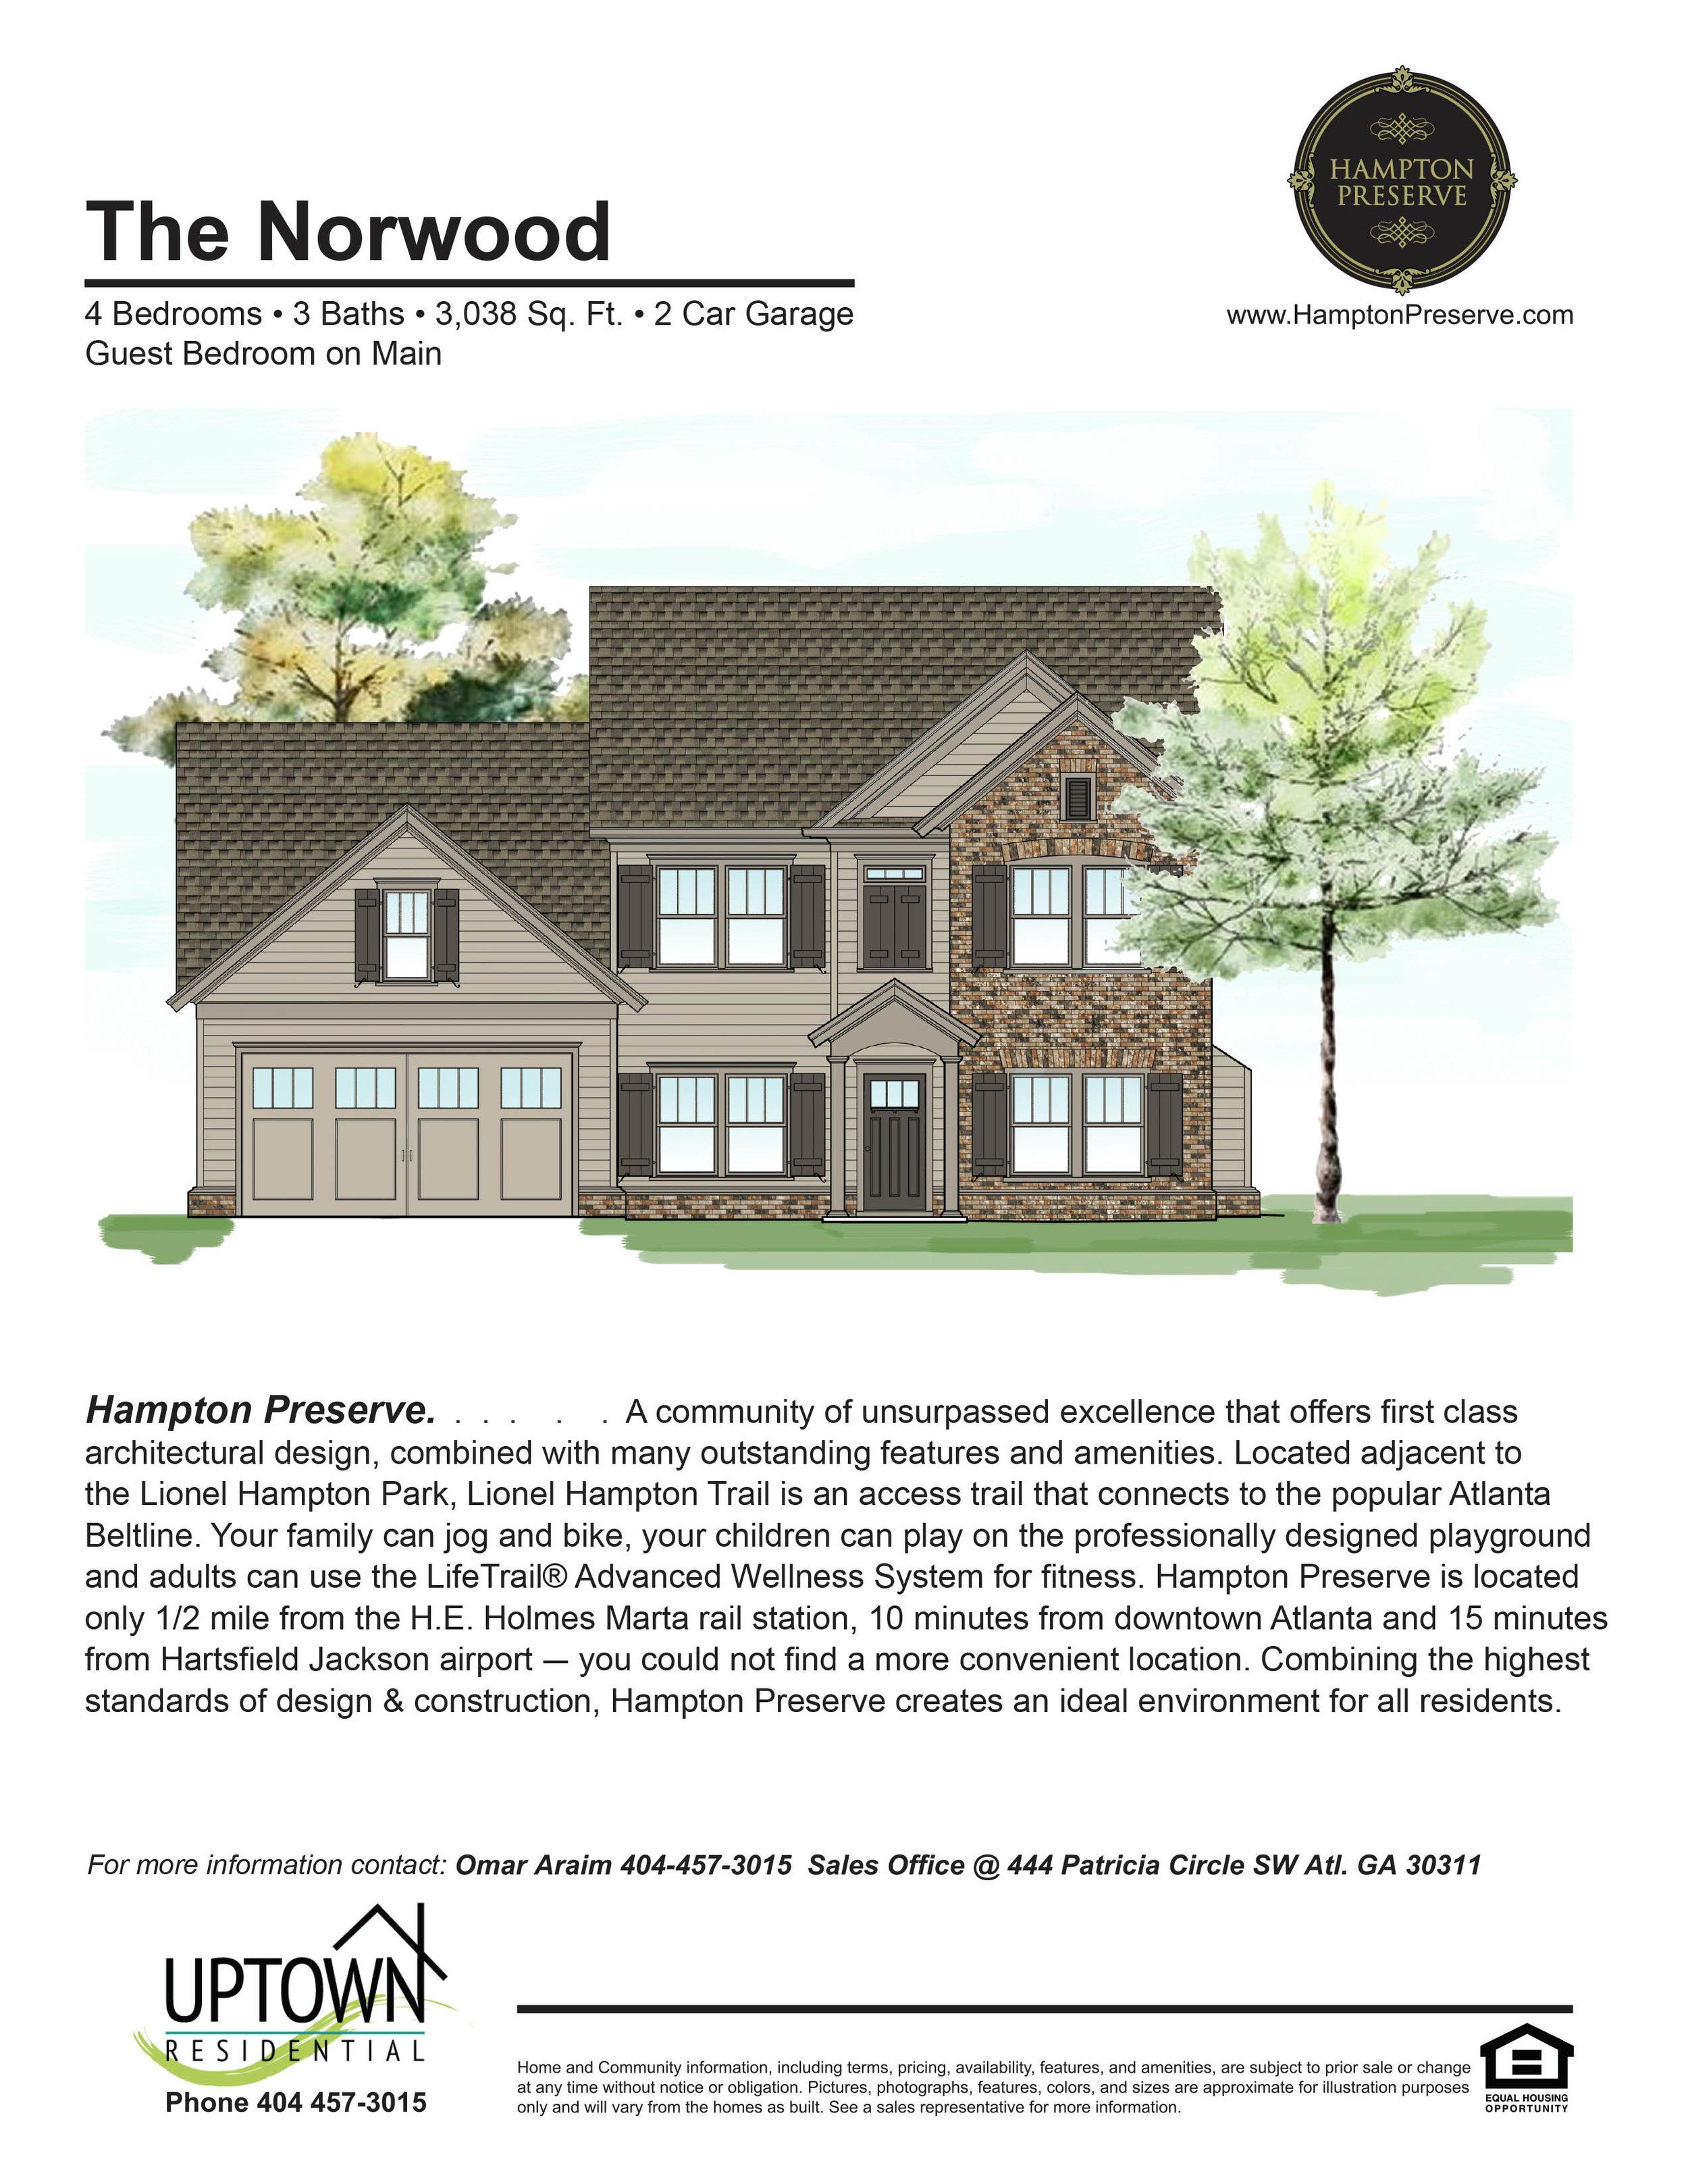 21669 Uptown Residential - Norwood 1.jpg